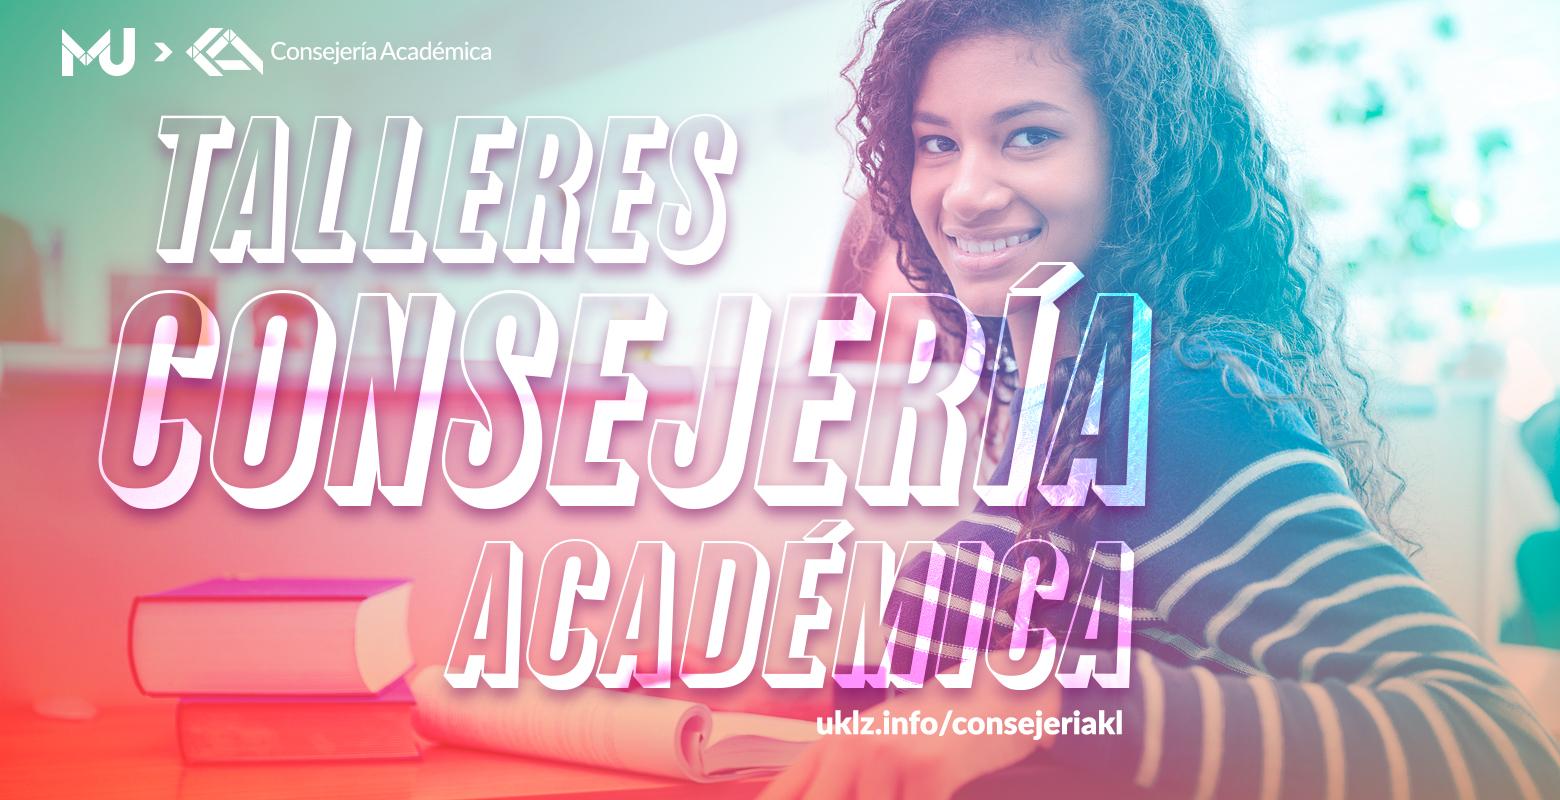 Talleres Consejería Académica